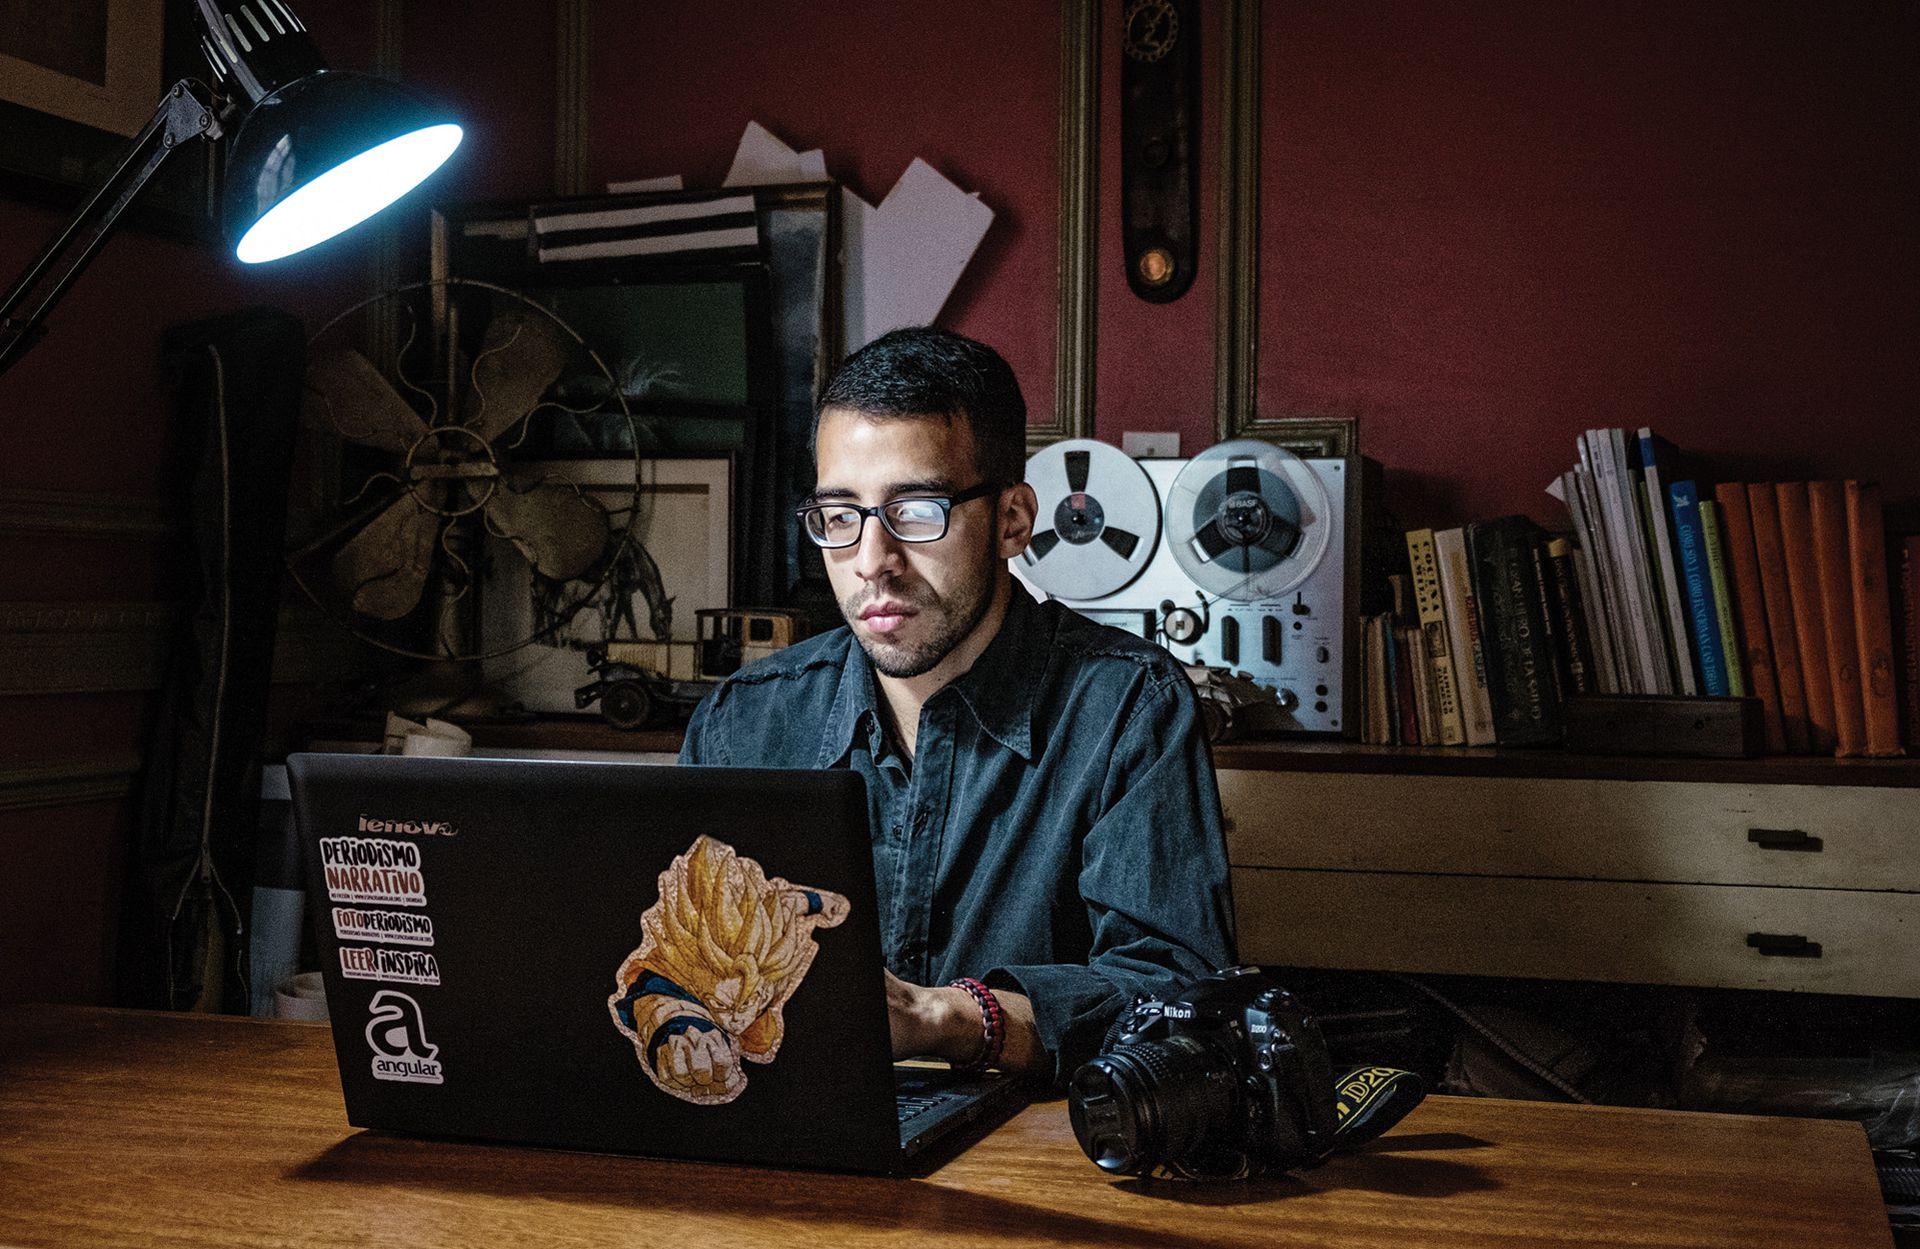 Nolan Rada. Es periodista y fotógrafo. Desde que llegó a Buenos Aires, hace más de un año, trabajó construyendo decks y aprendió a cocinar hamburguesas para enviar dinero y medicina a los suyos. Tiene 26 años